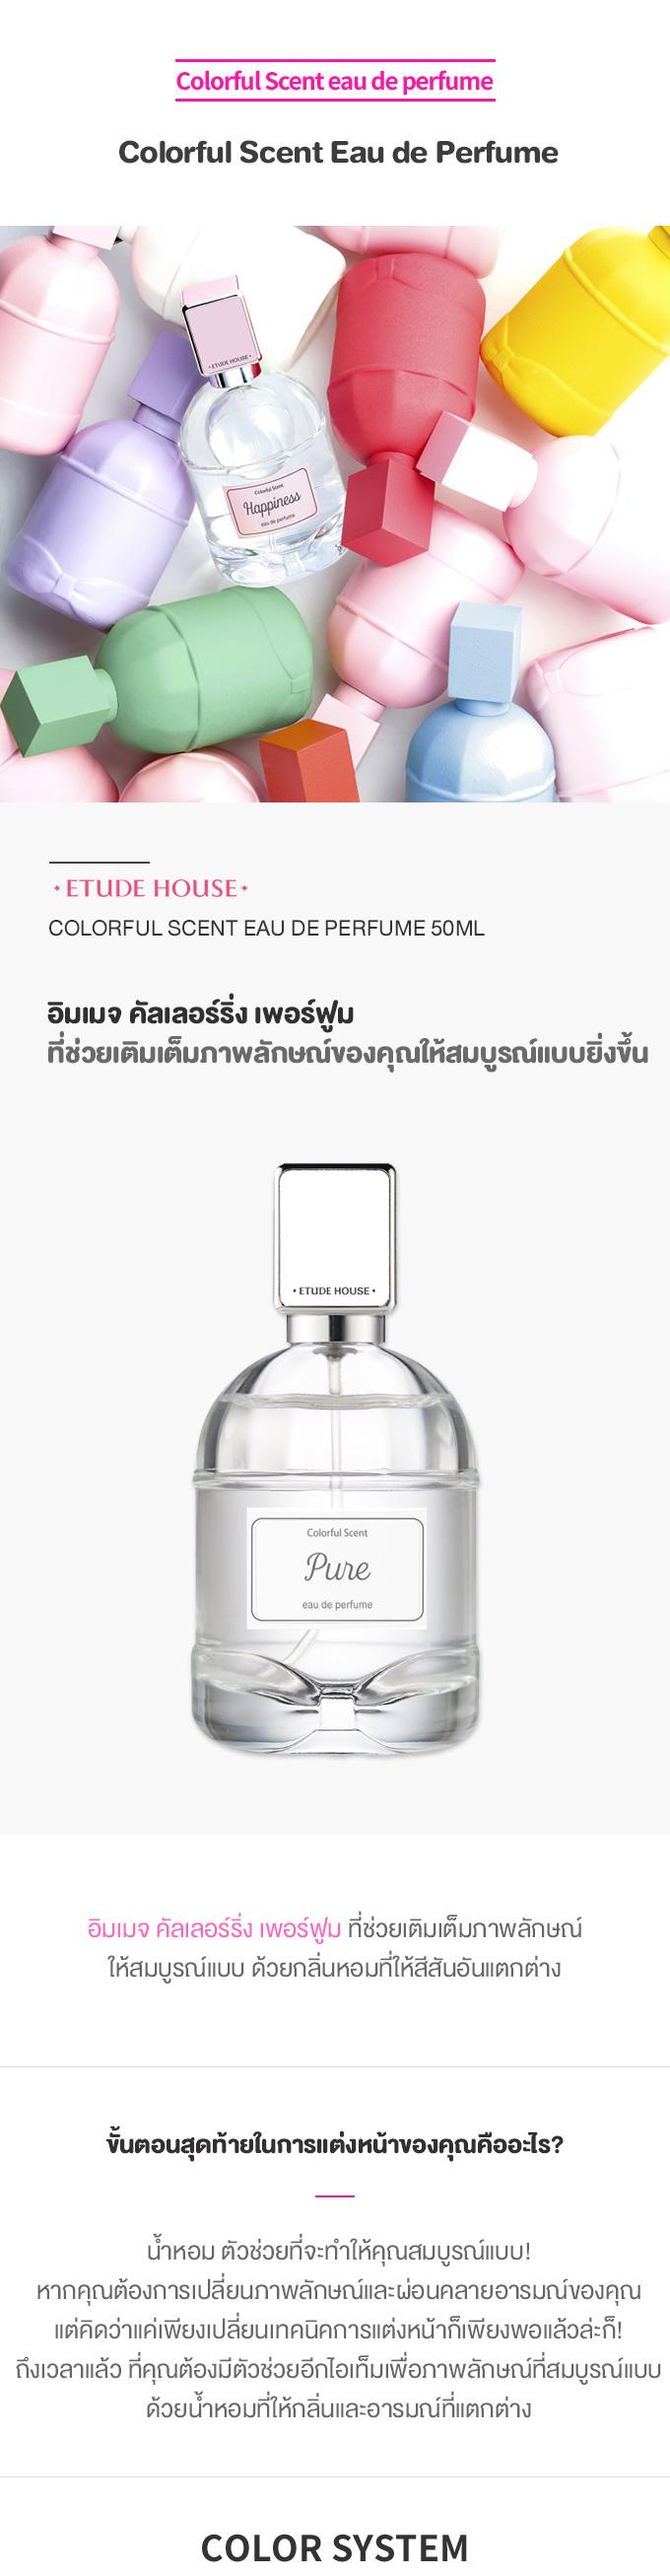 Colorful Scent Eau de Perfume_01